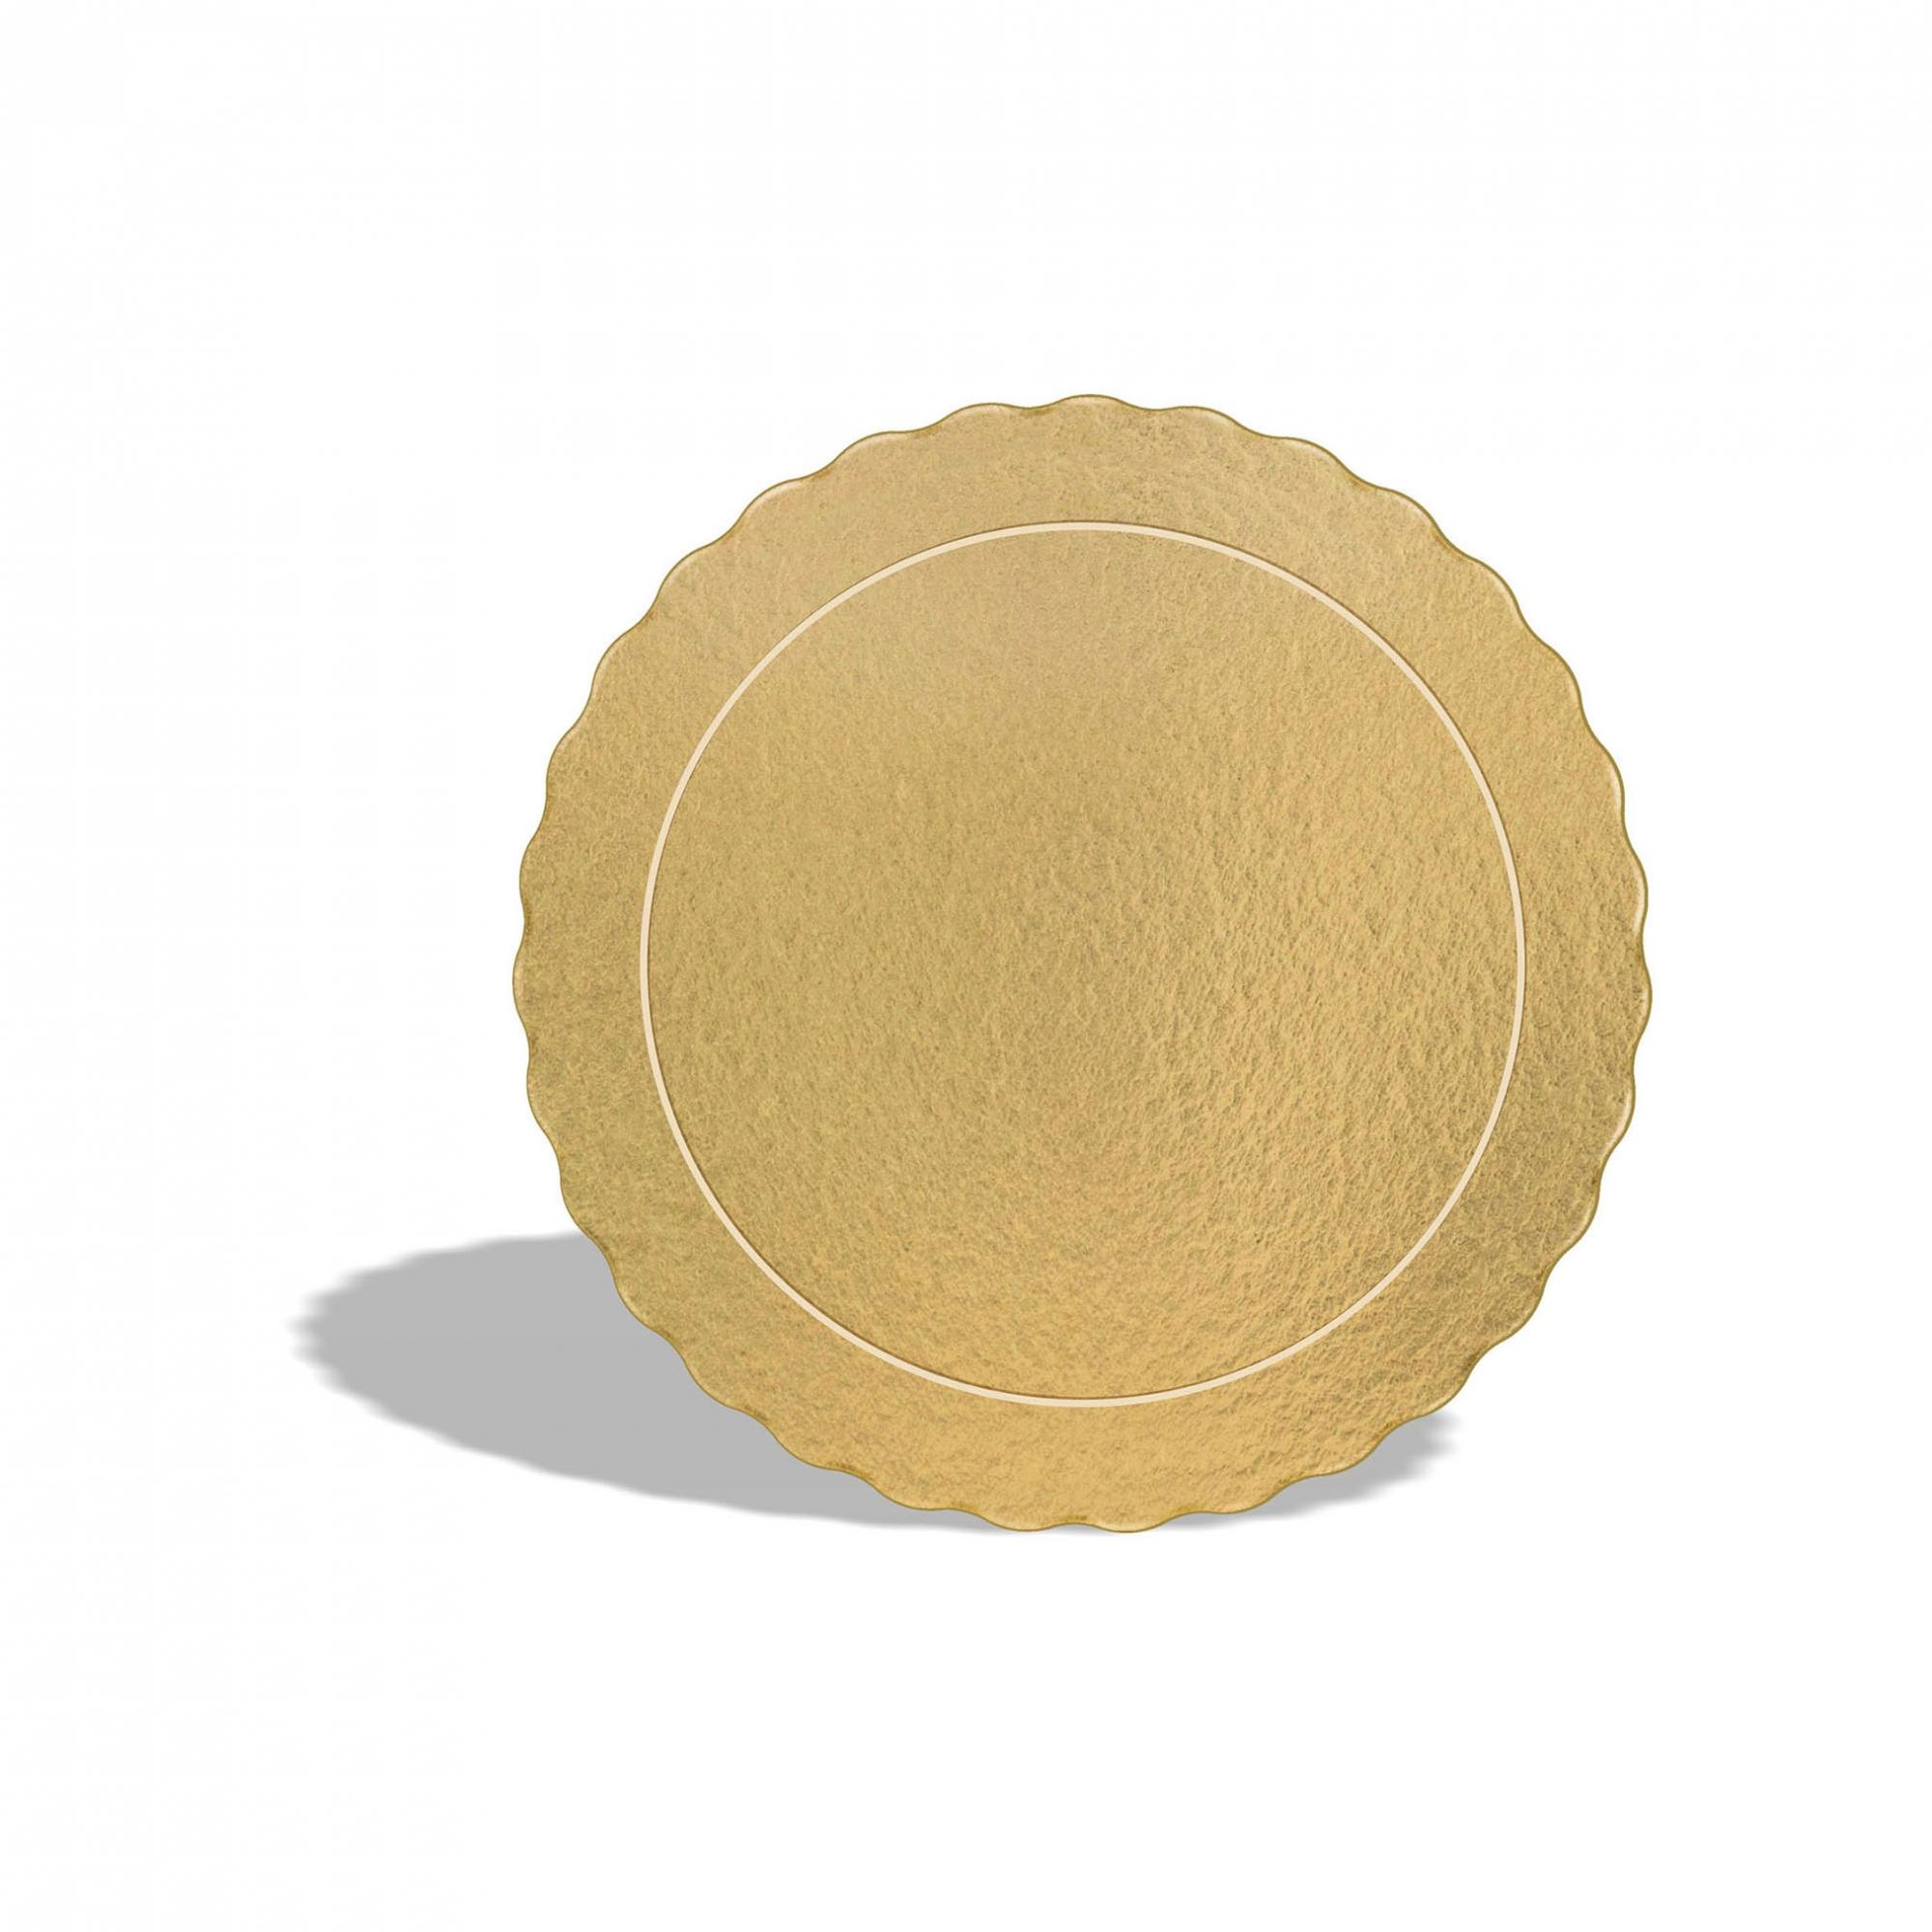 20 Bases Laminadas Para Bolo Redondo, Cake Board 30 cm - Ouro